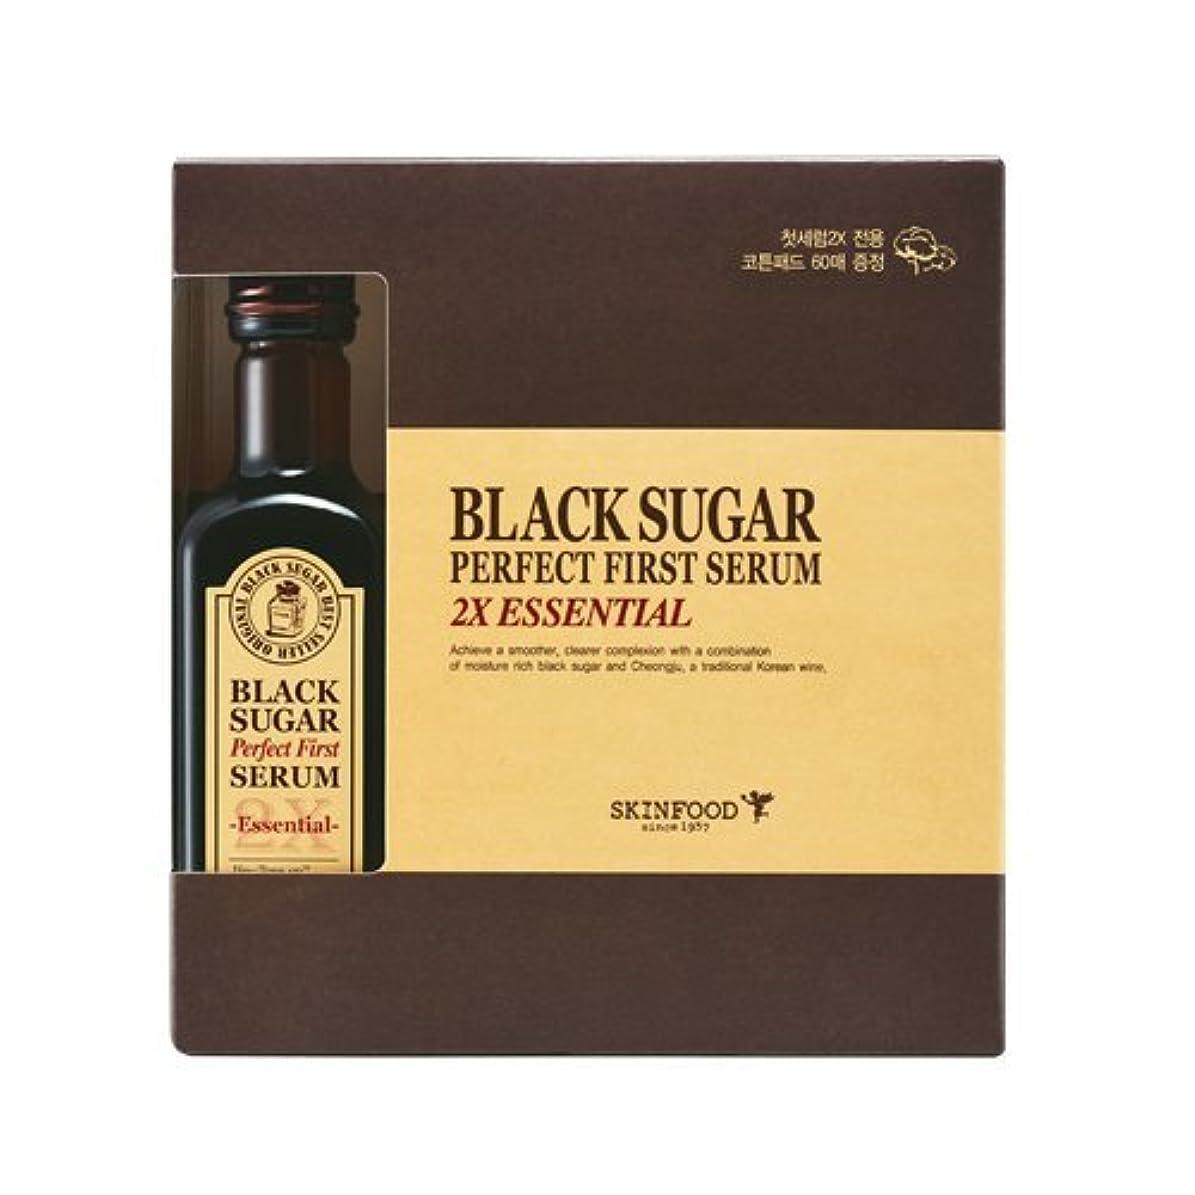 テレマコス覚醒傭兵(SKINFOOD スキンフード)Black Sugar Perfect First Serum 2X ?essential- ブラックシュガー パーフェクトファーストセラム2X skin-brightening and Anti-wrinkle Effects? [並行輸入品]